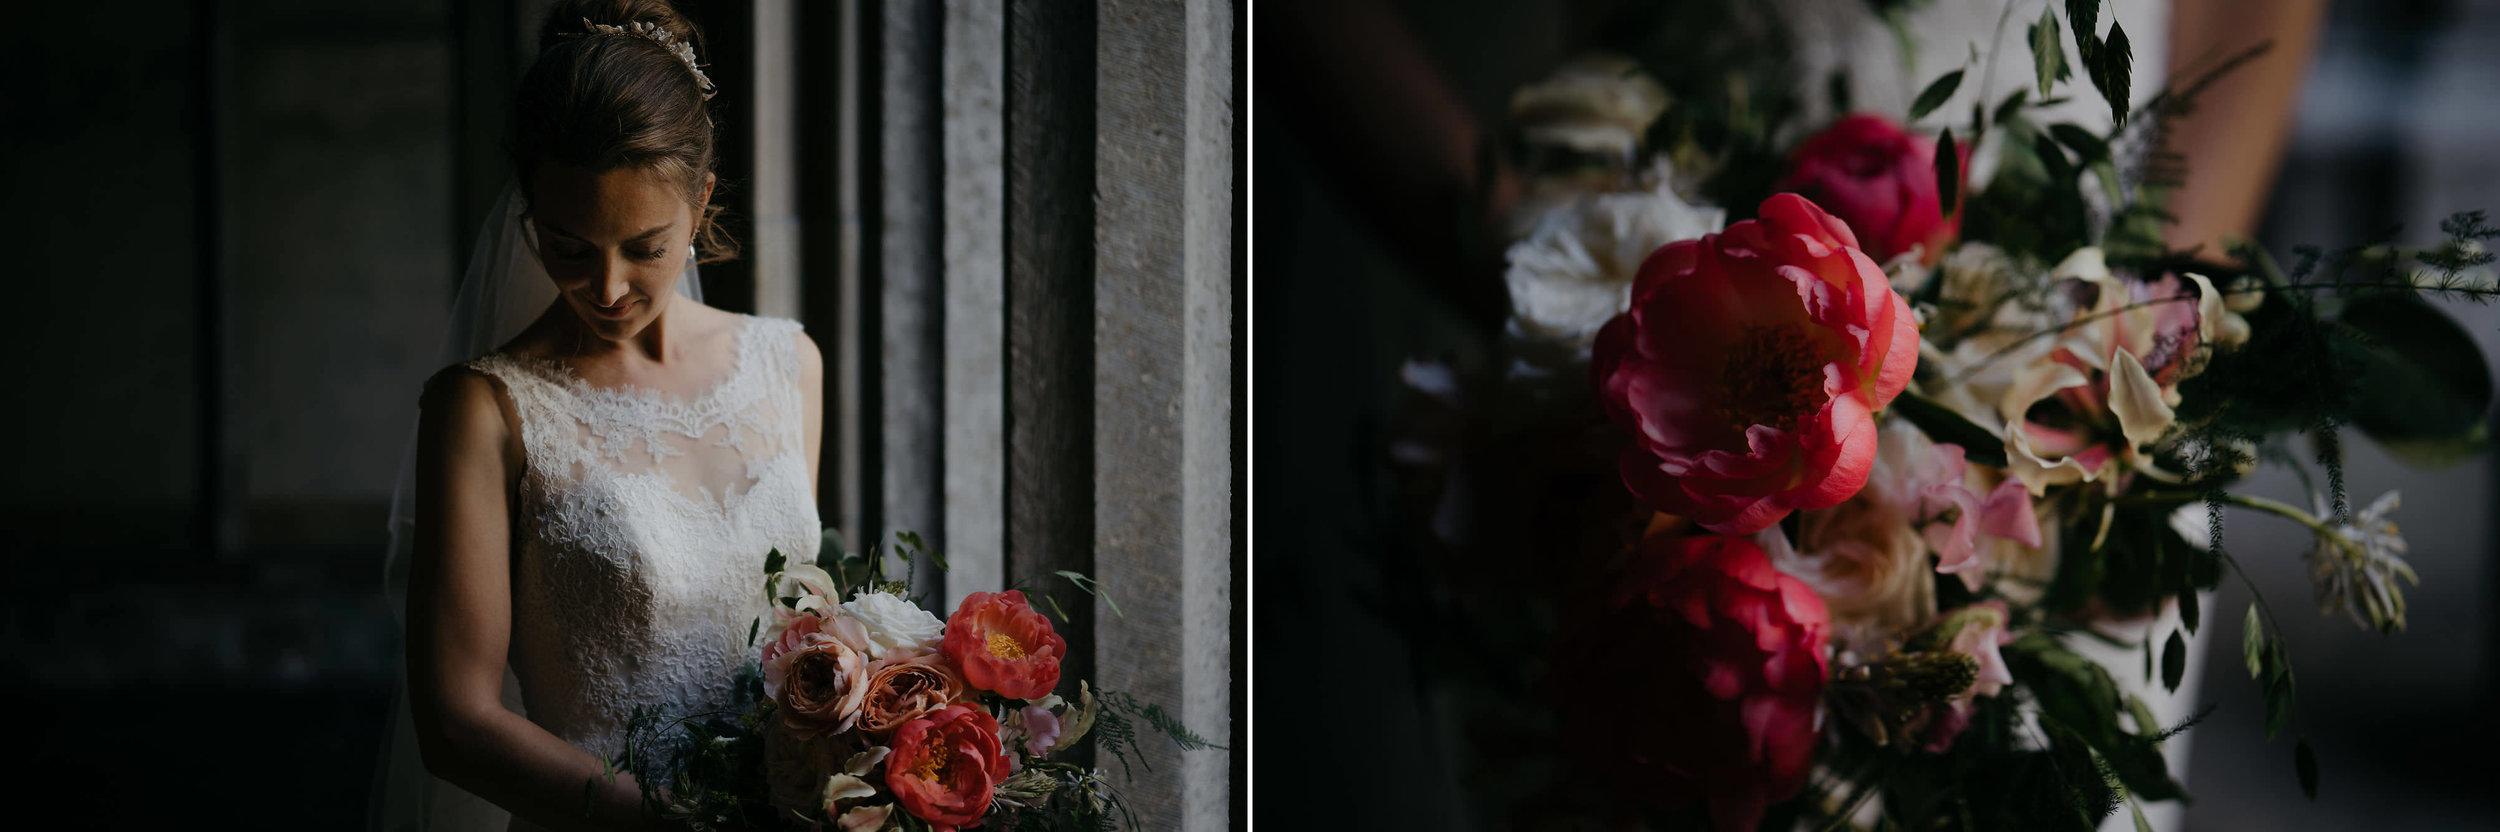 bruidsfotografie-trouwfotograaf-amsterdam-utrecht-mark-hadden-Koen-Laura-119 copy.jpg